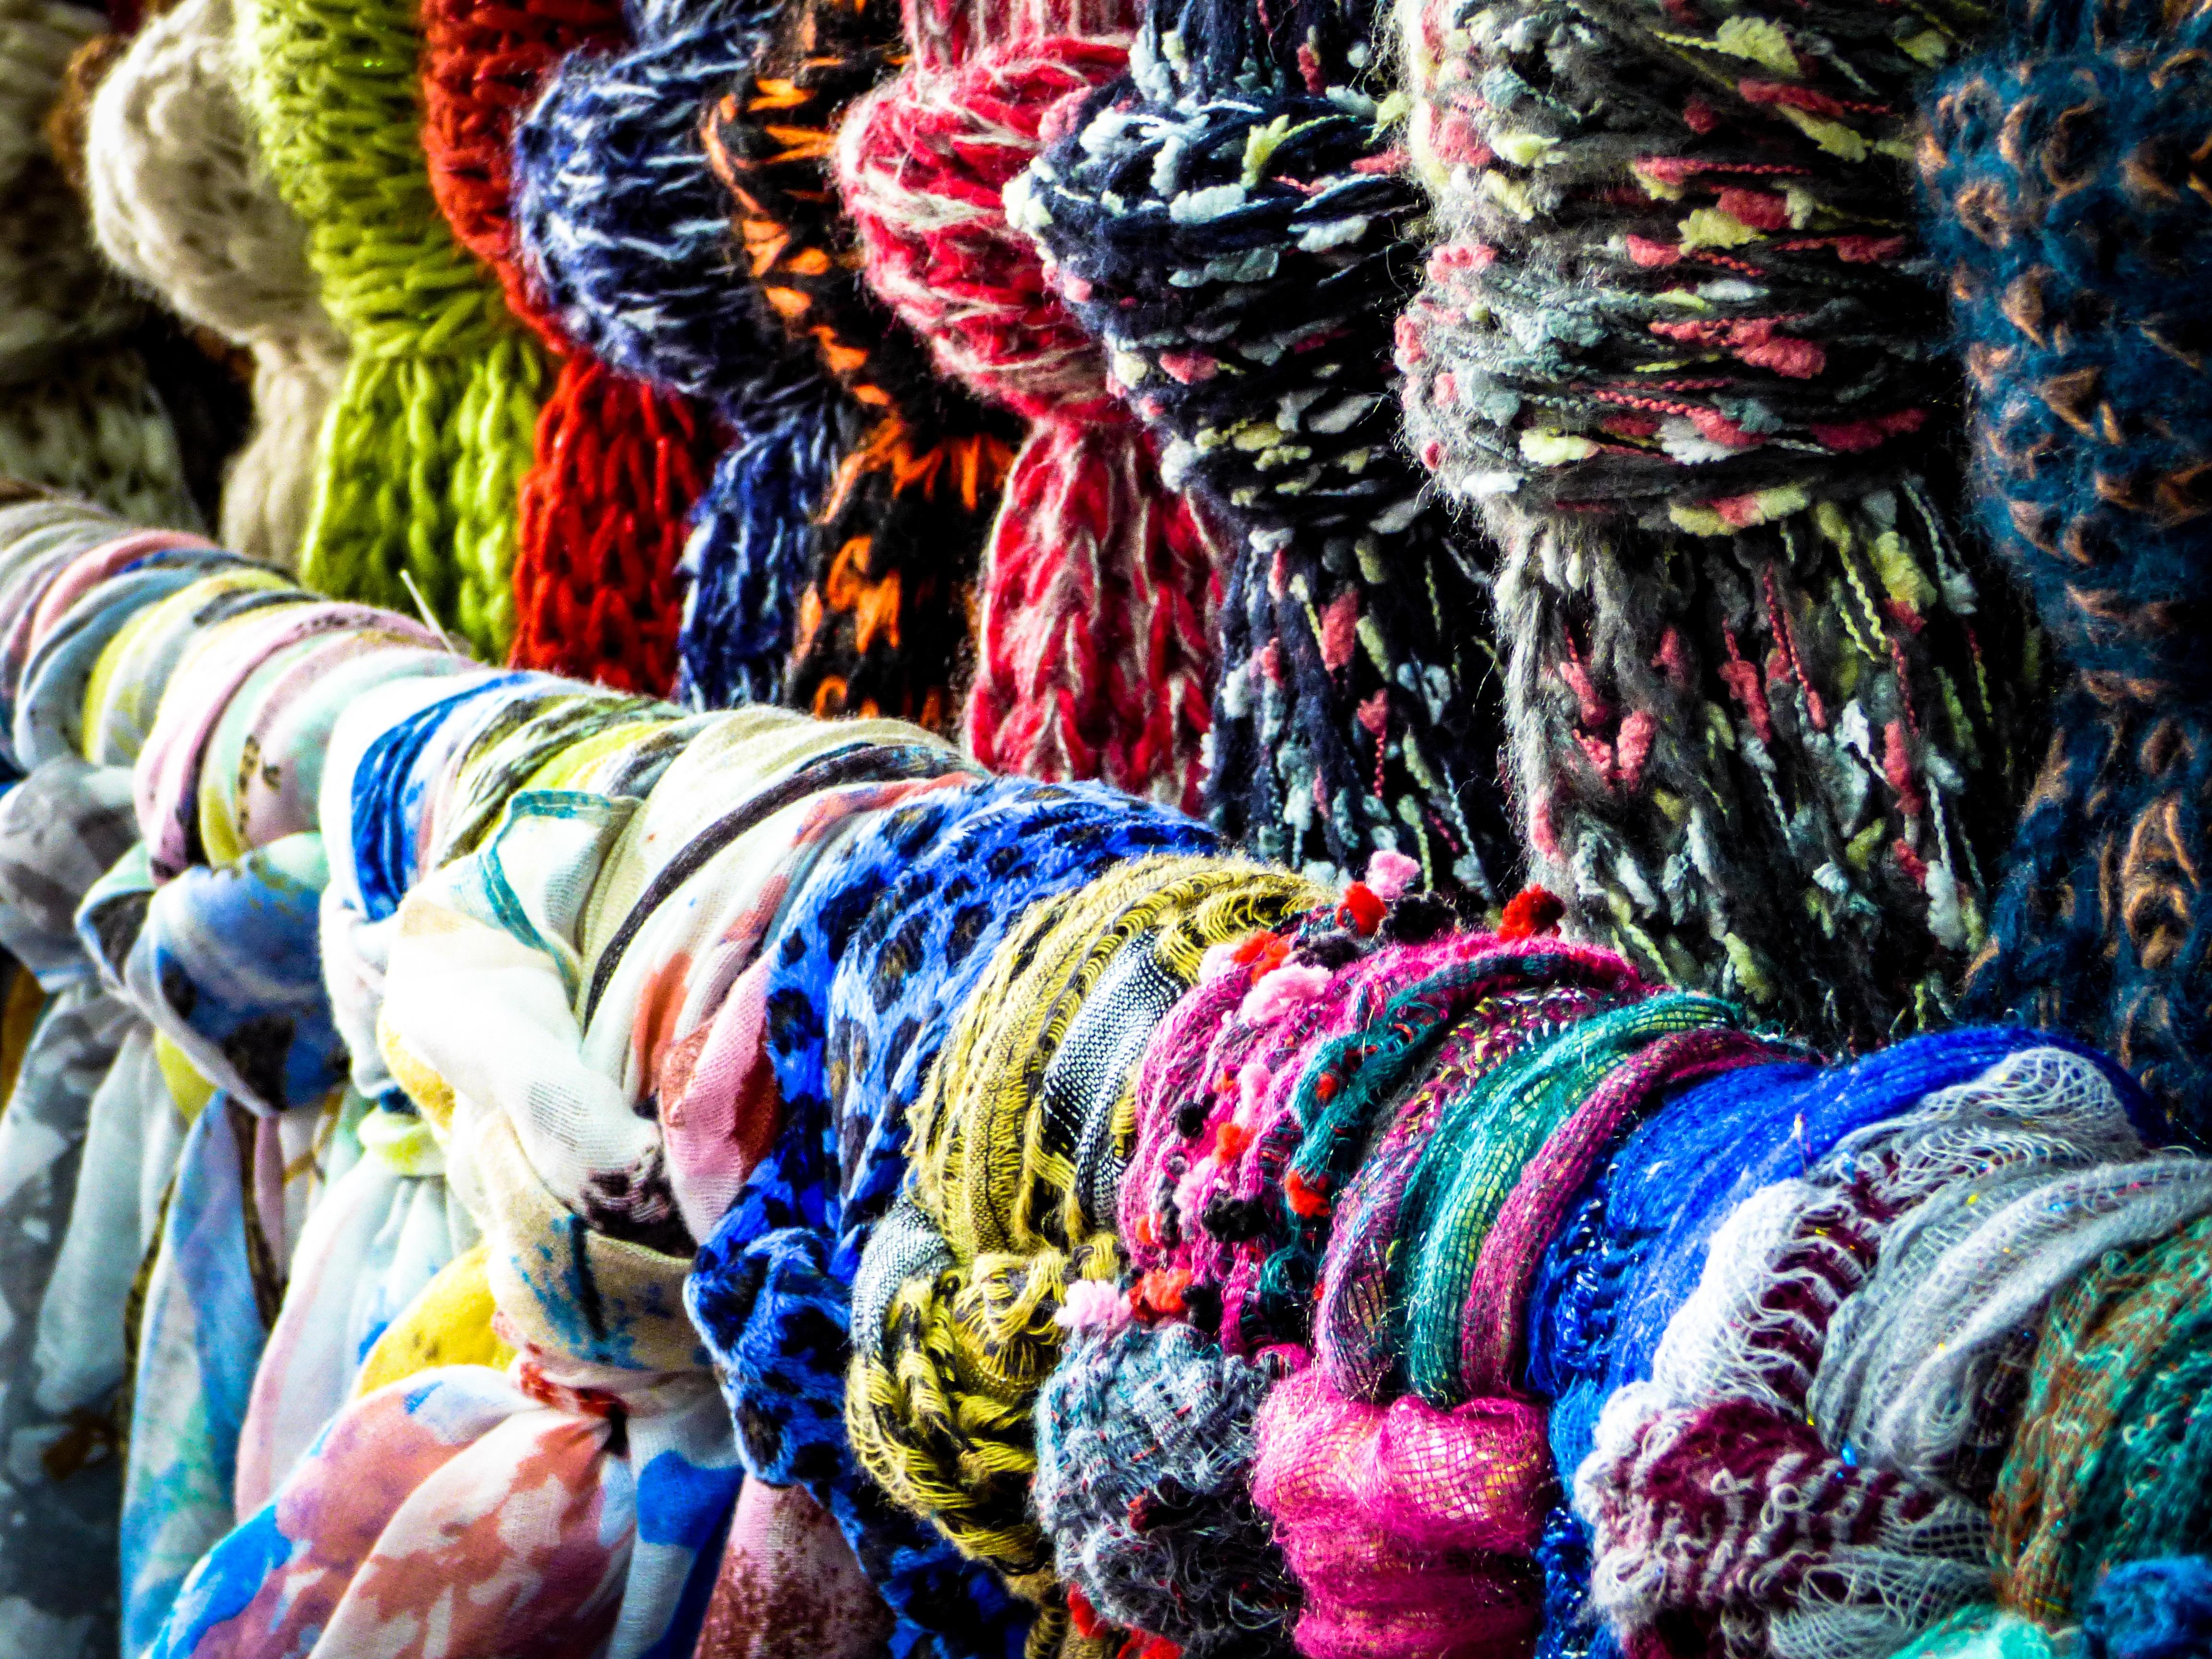 8151b7c7a fazer compras cor moda roupas cachecol material loja de roupas fio têxtil  arte roupas vestido feminino